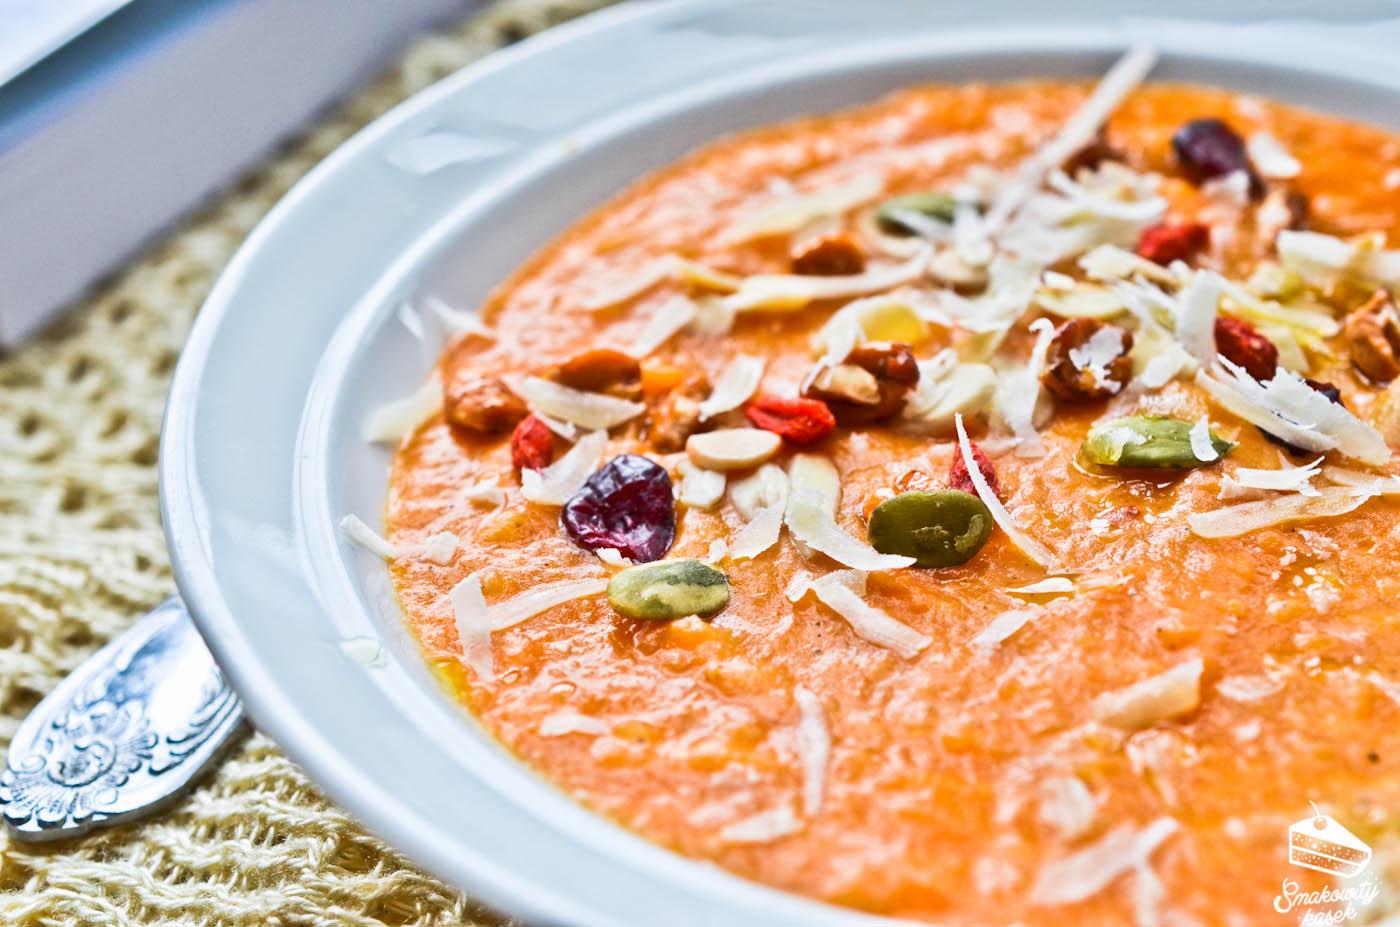 zupa-krem-z-dyni-z-tahini-1-of-1-2